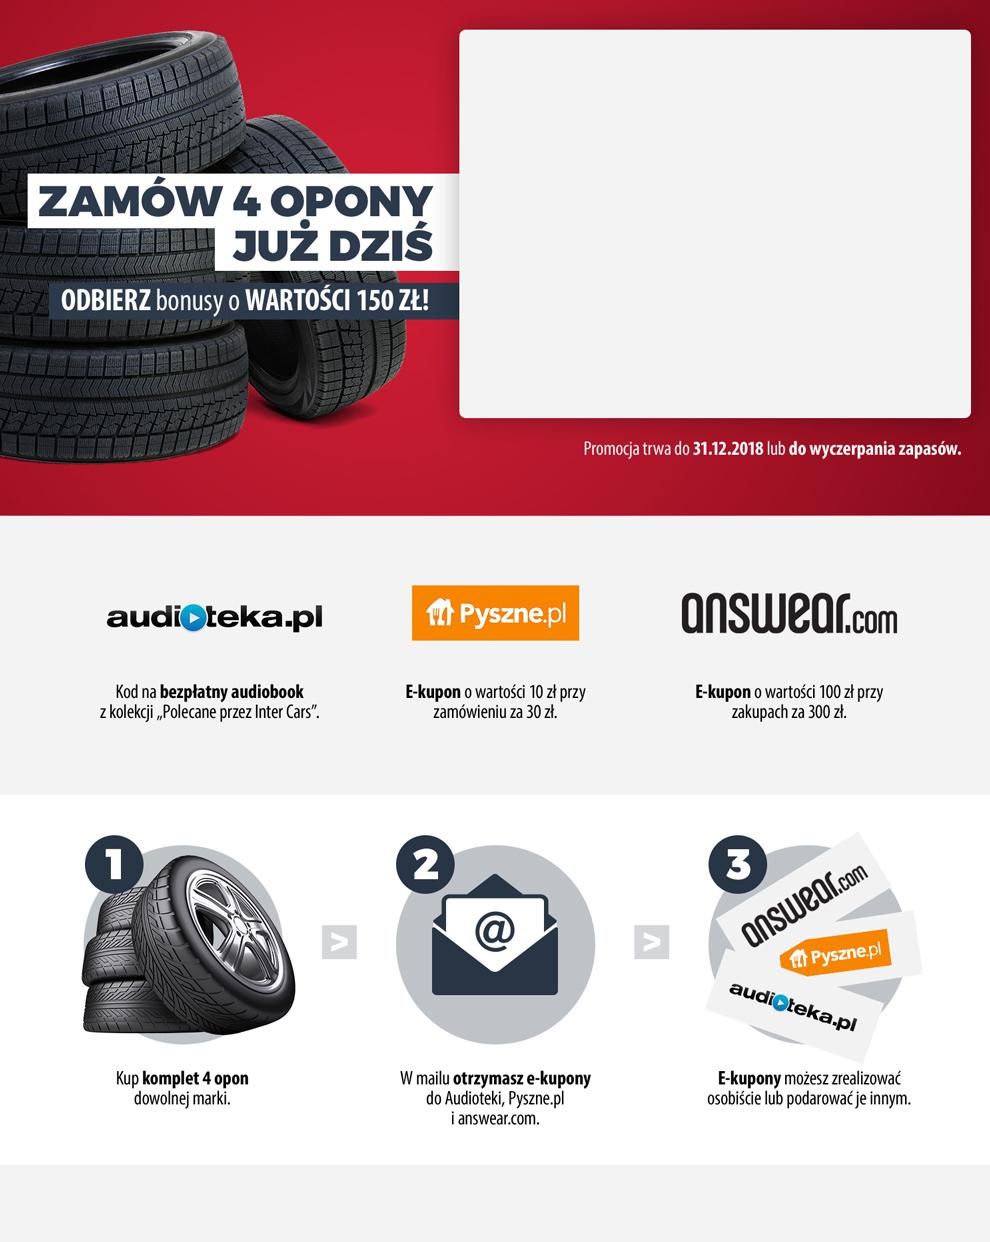 Audiobook, kupon 10zł pyszne.pl oraz 100zł Answear za zakup 4 opon w InterCars